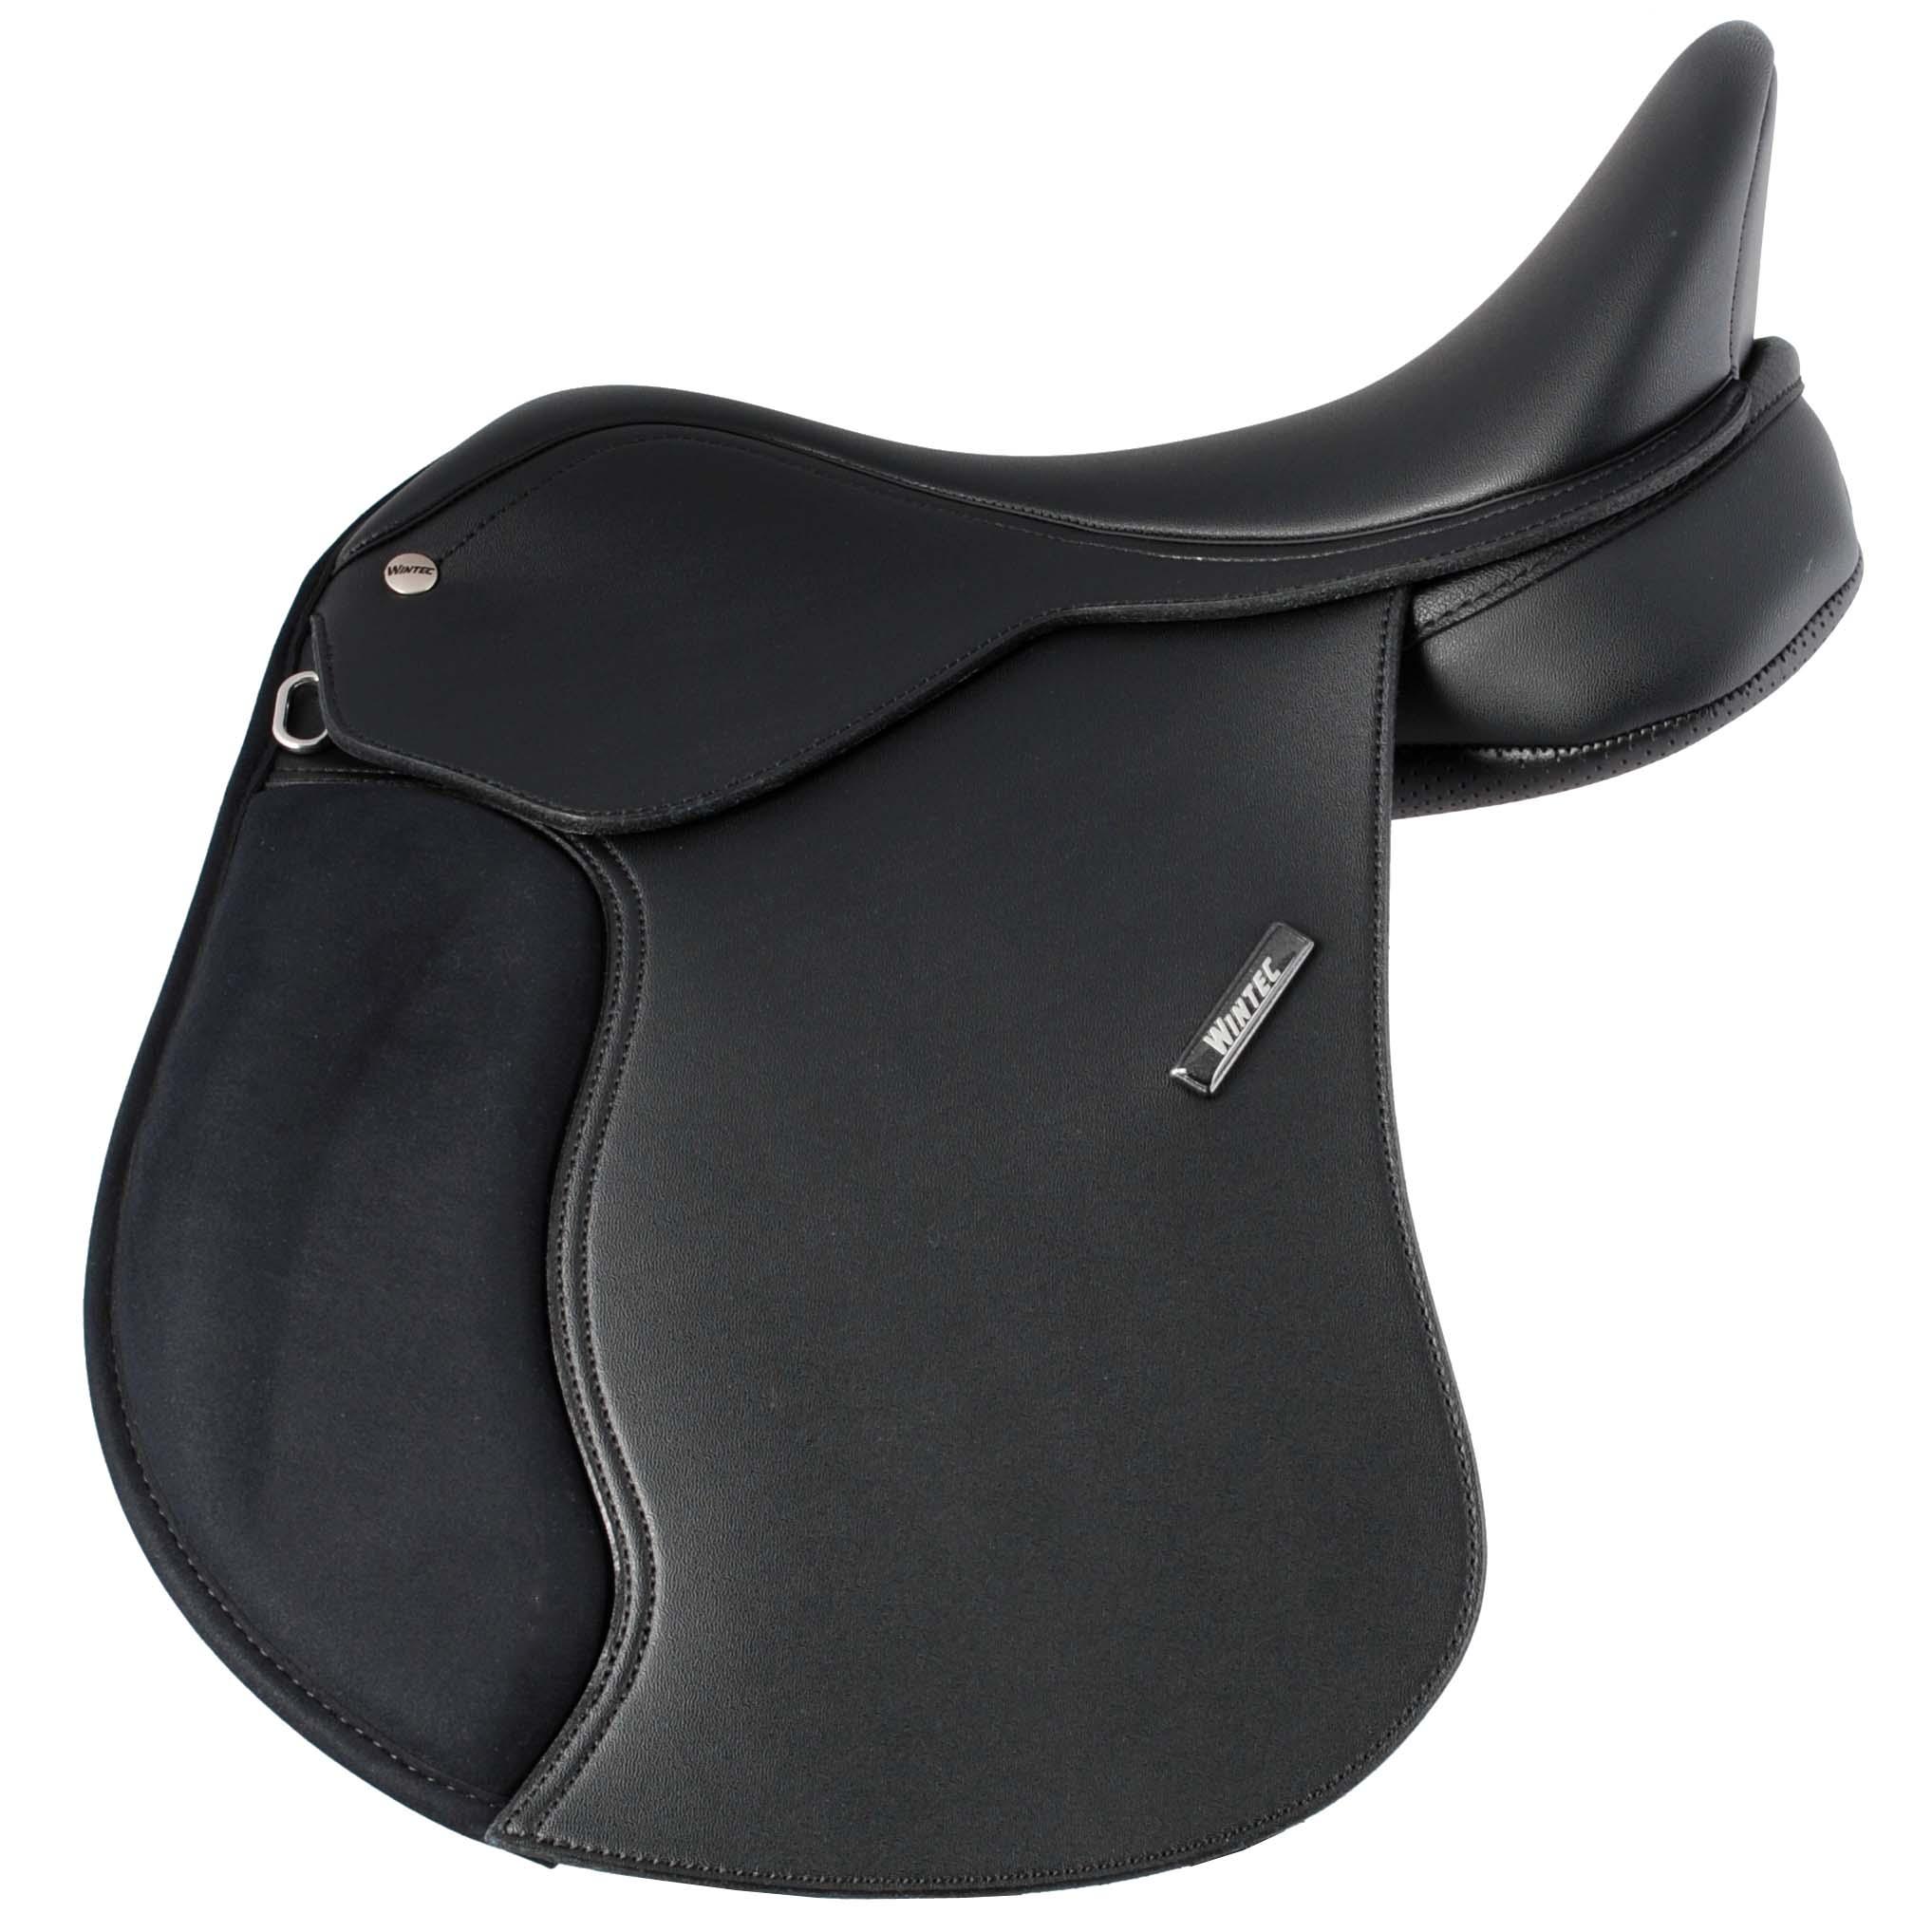 Wintec 500 Hart pony zadel zwart maat:14